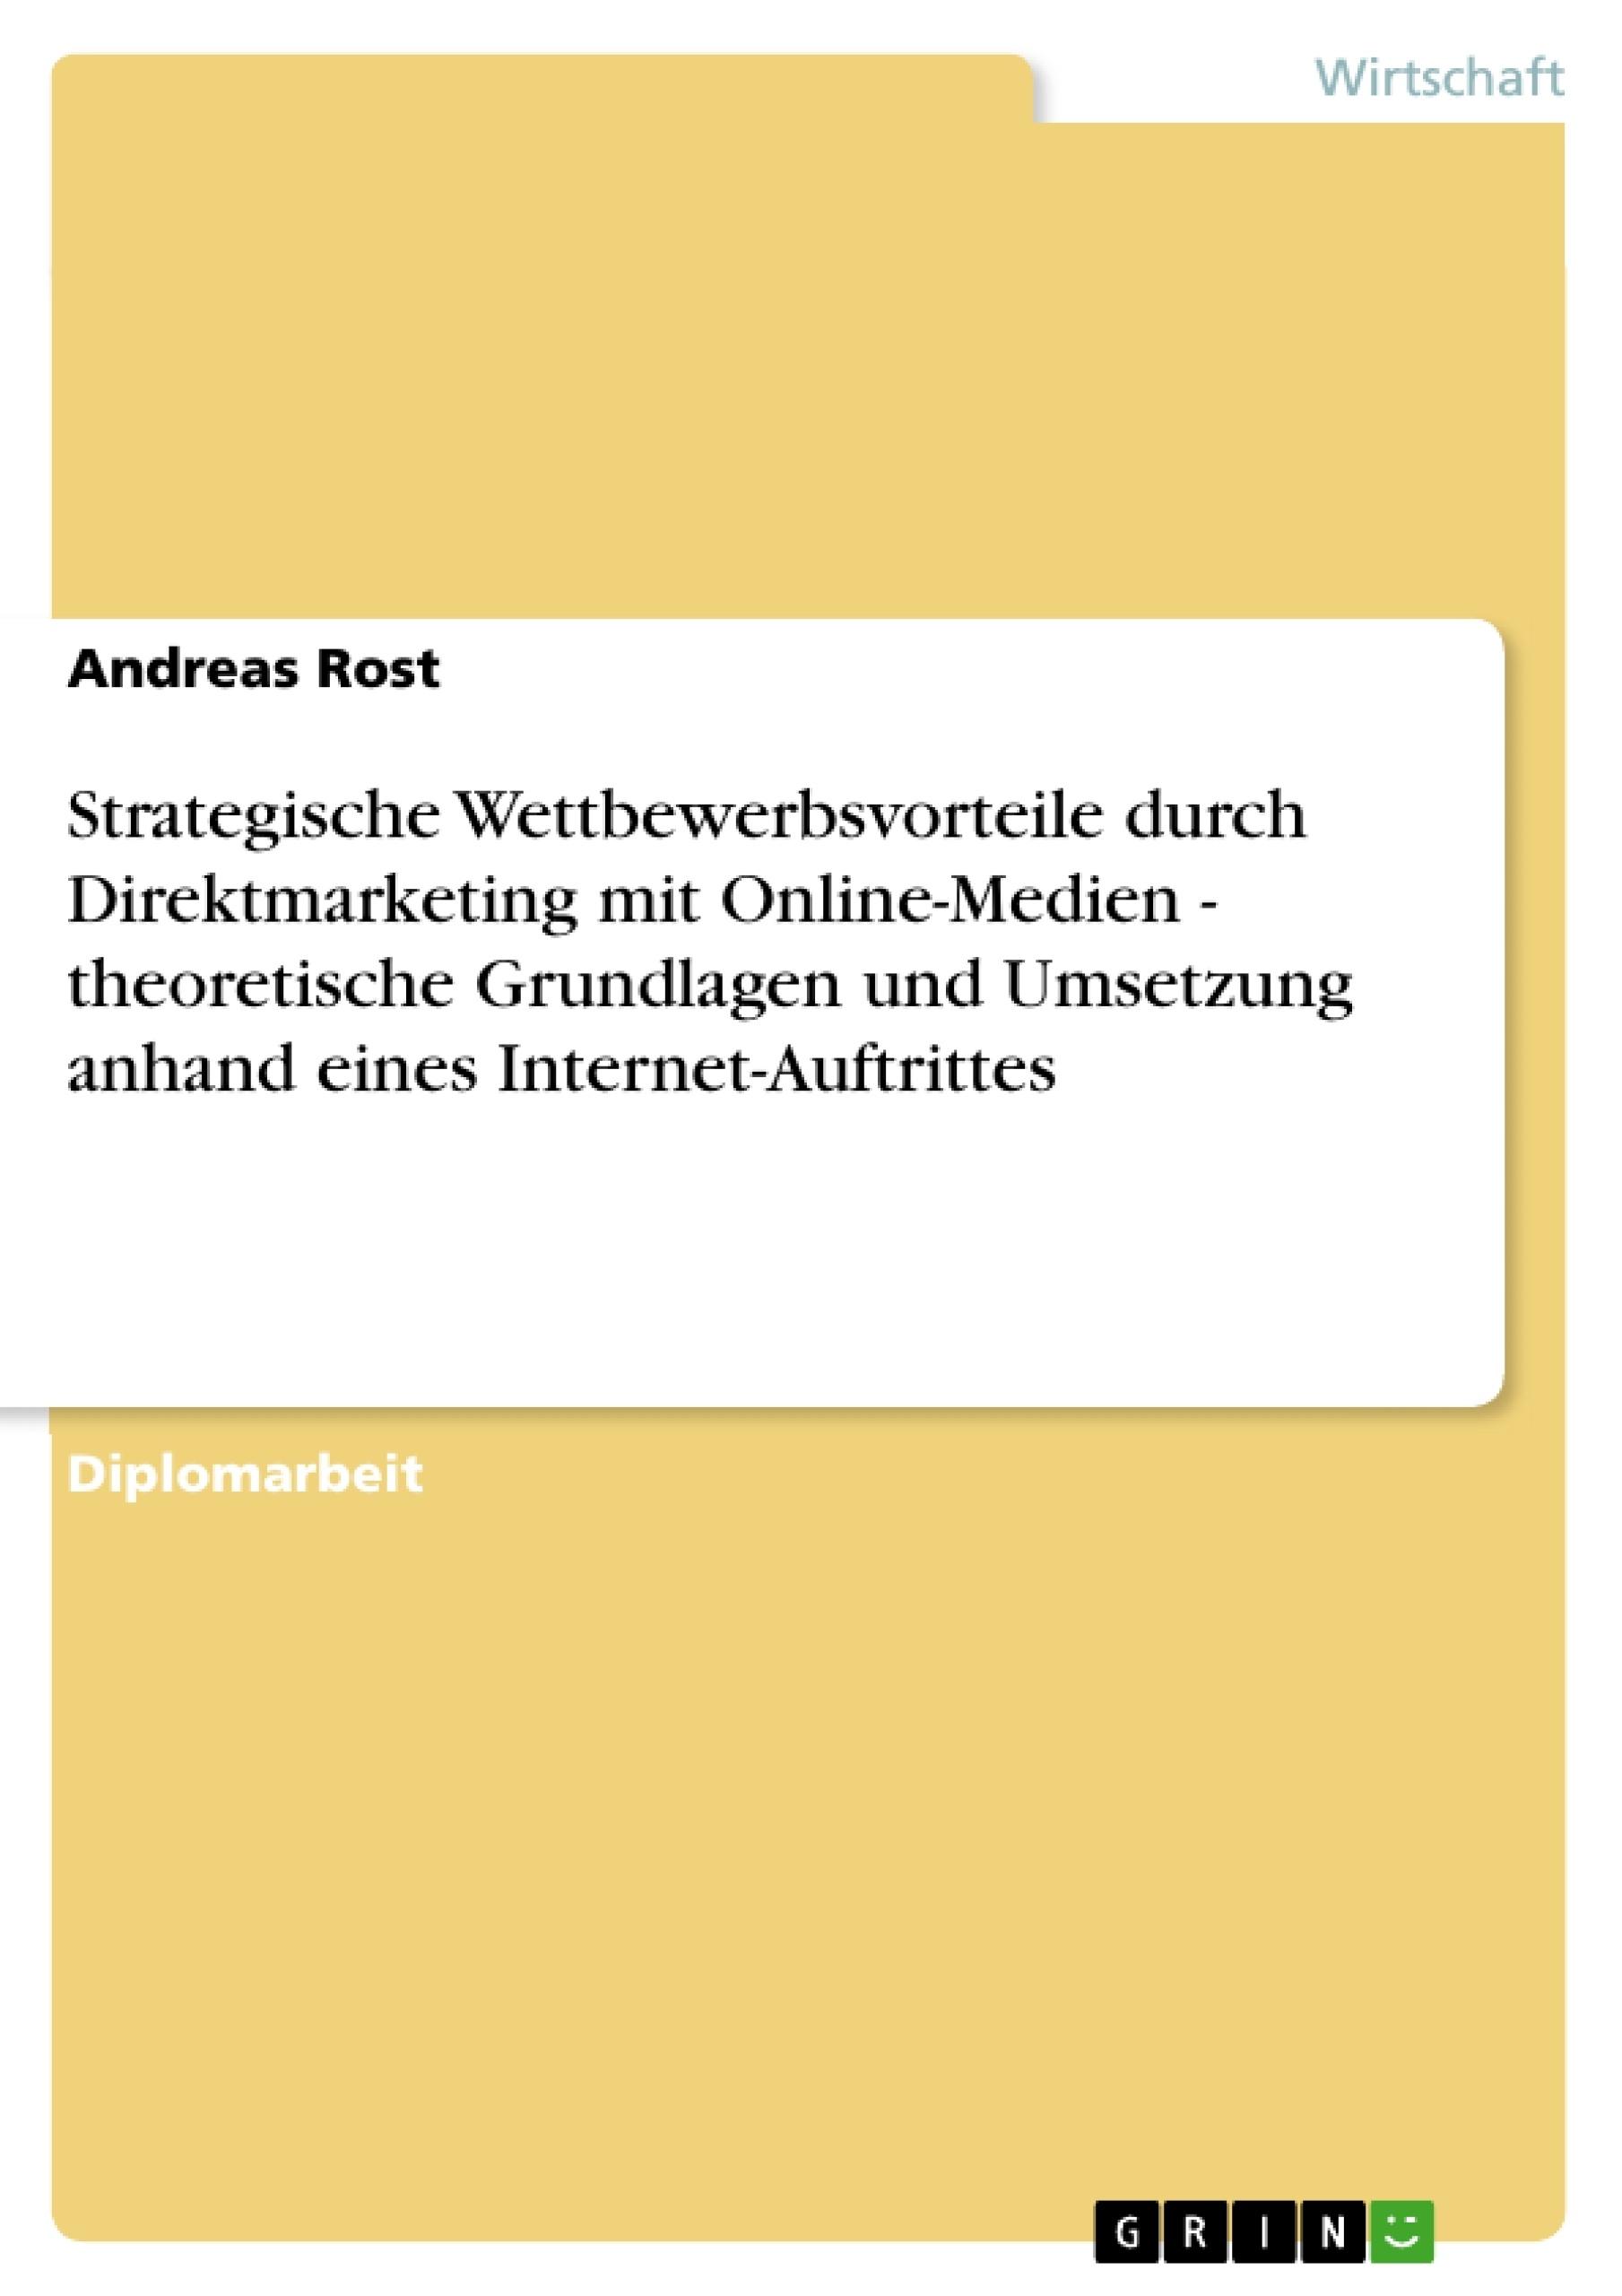 Titel: Strategische Wettbewerbsvorteile durch Direktmarketing mit Online-Medien - theoretische Grundlagen und Umsetzung anhand eines Internet-Auftrittes